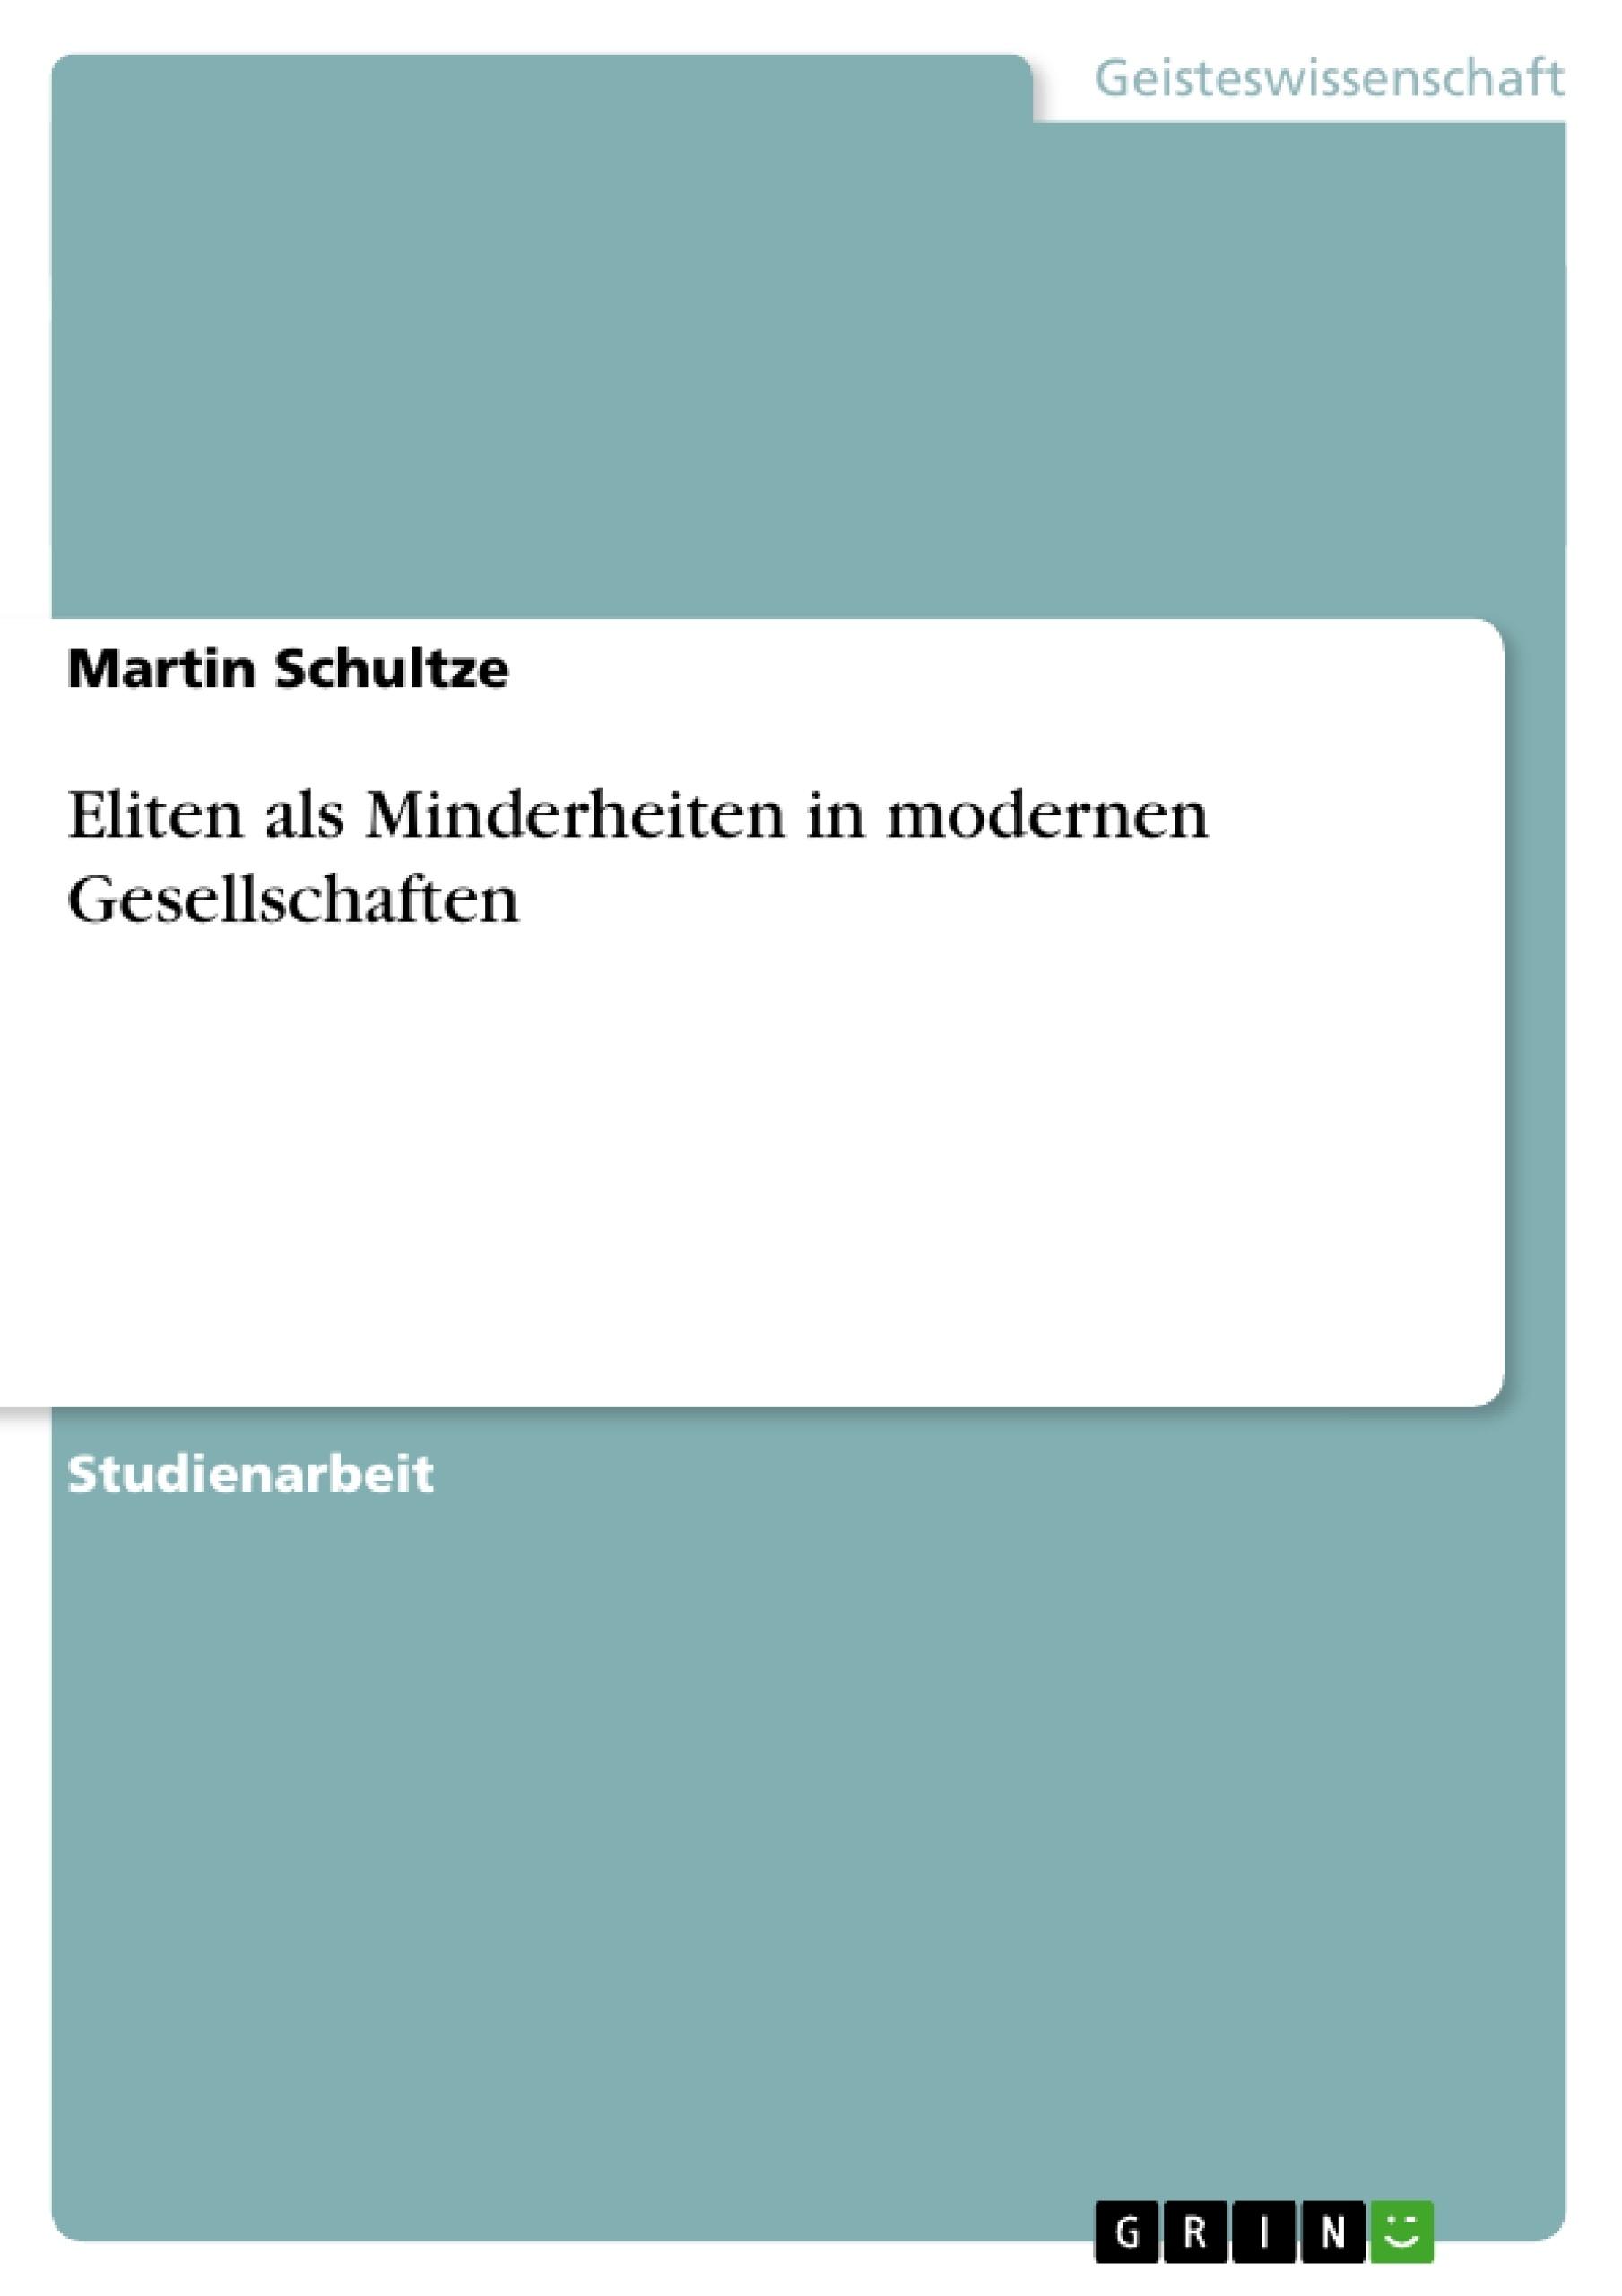 Titel: Eliten als Minderheiten in modernen Gesellschaften